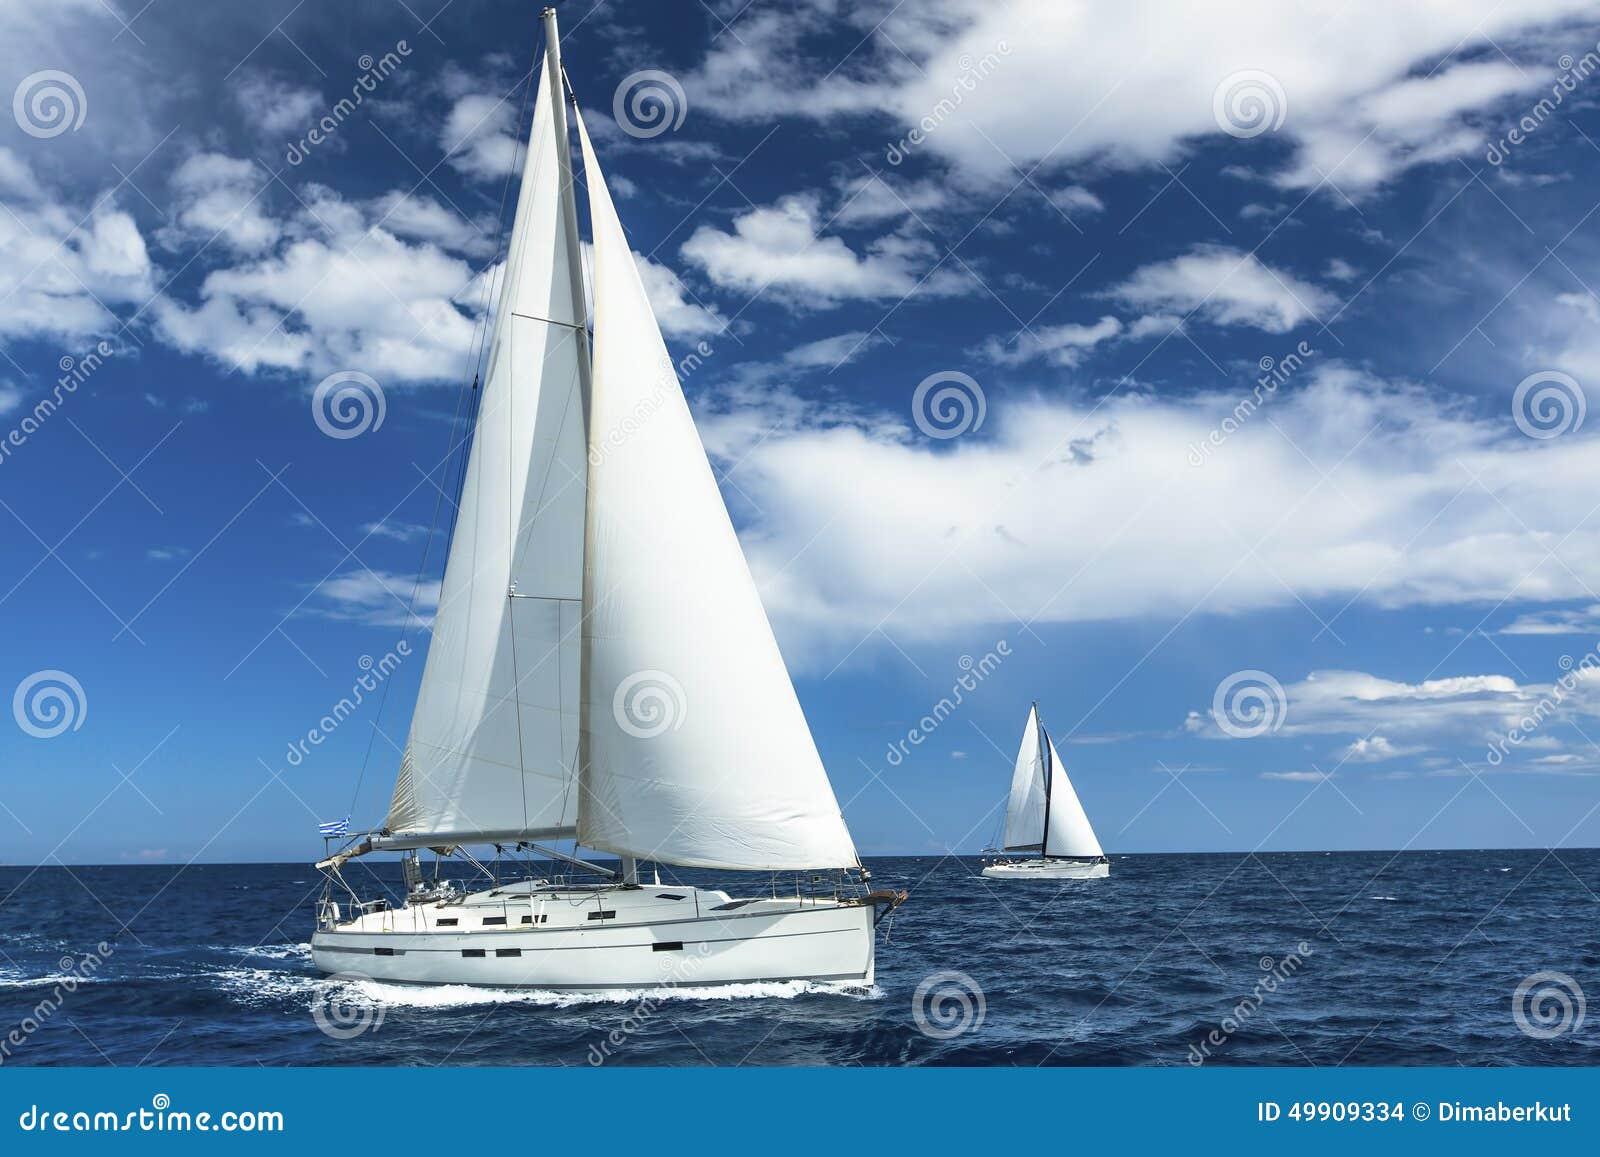 Os veleiros participam na regata da navigação sailing yachting